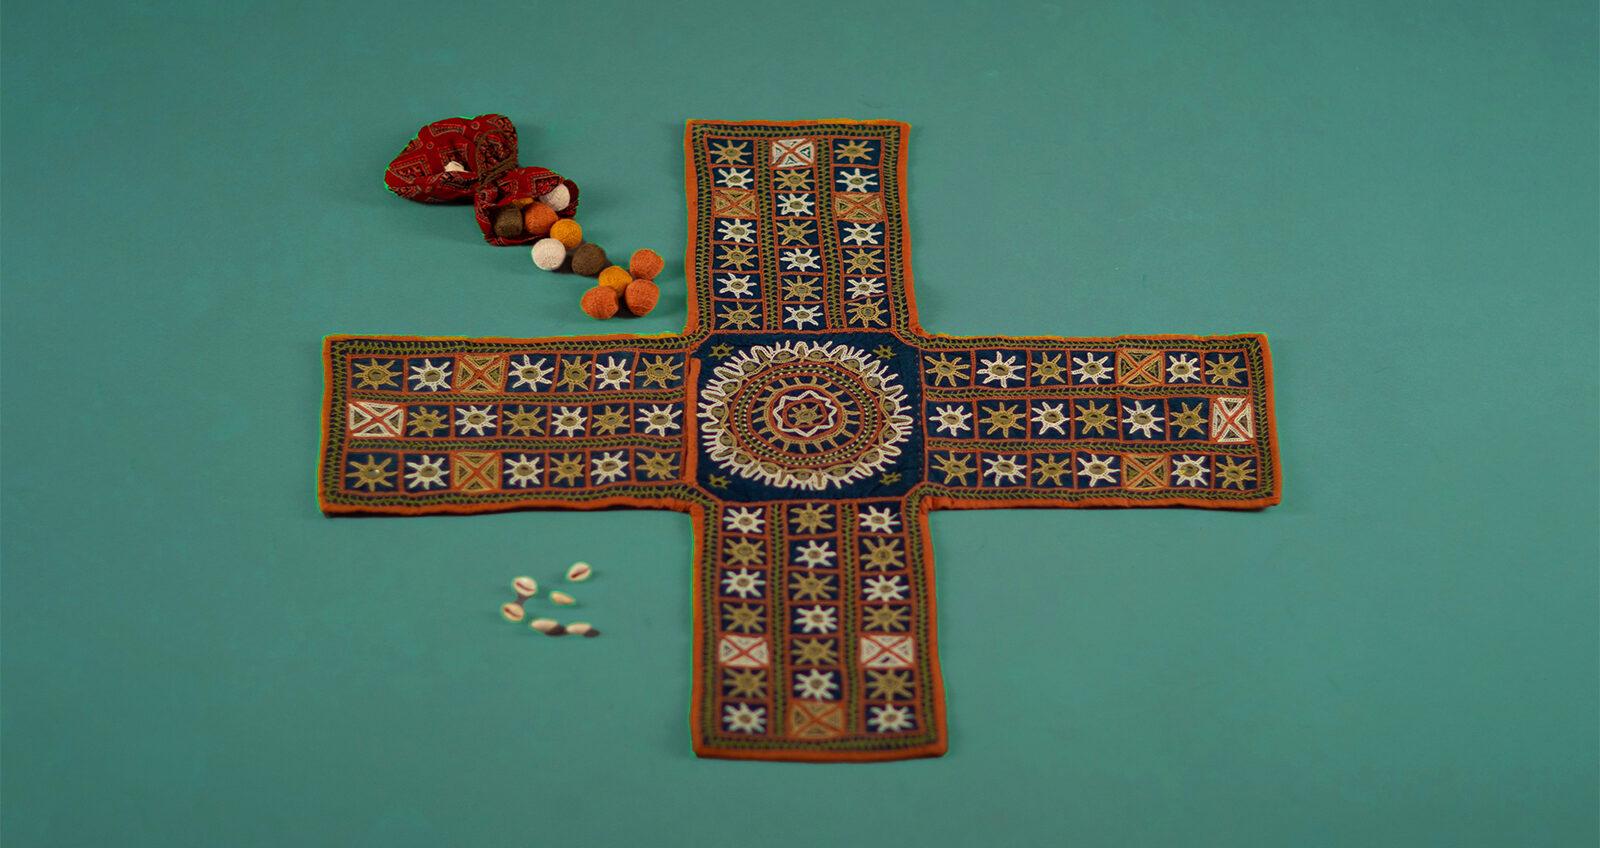 Embroidered Chaupad set from Peepul Tree